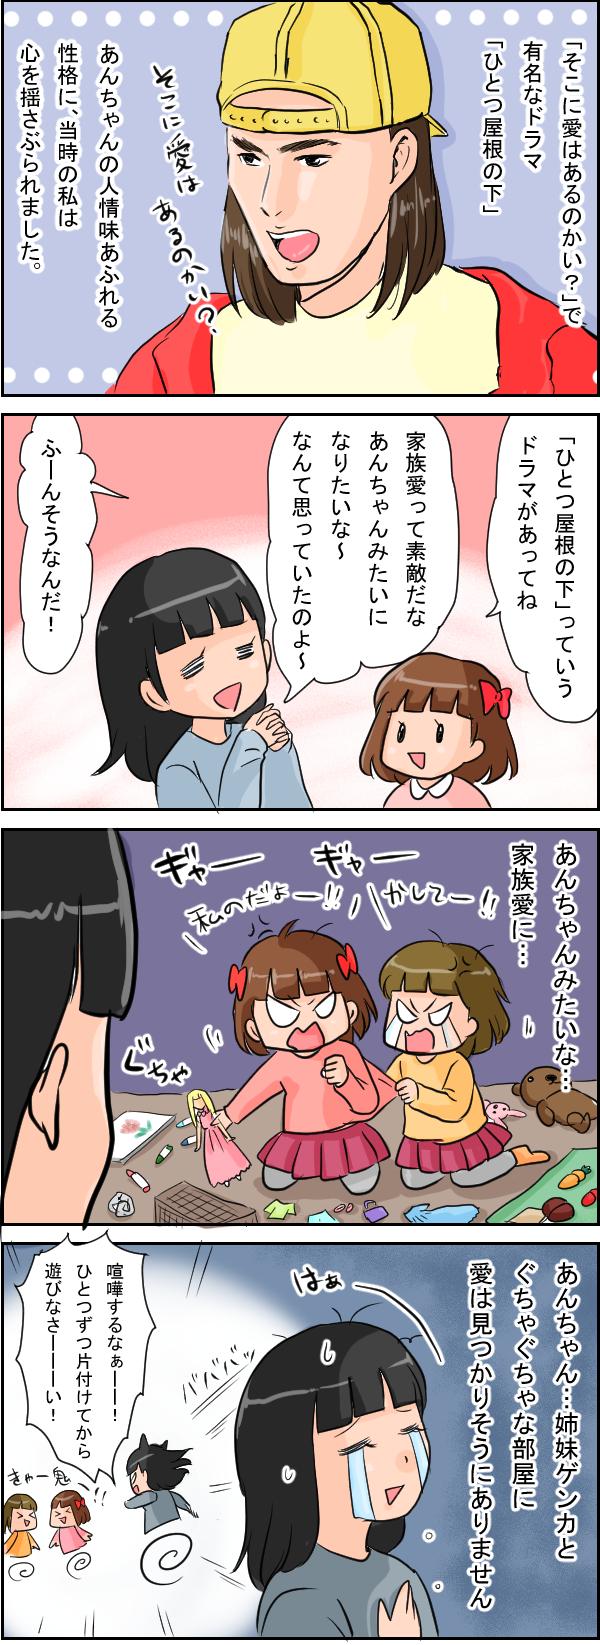 織田裕二、木村拓哉、江口洋介…月9ドラマで子どもの頃初めて泣いたのは?